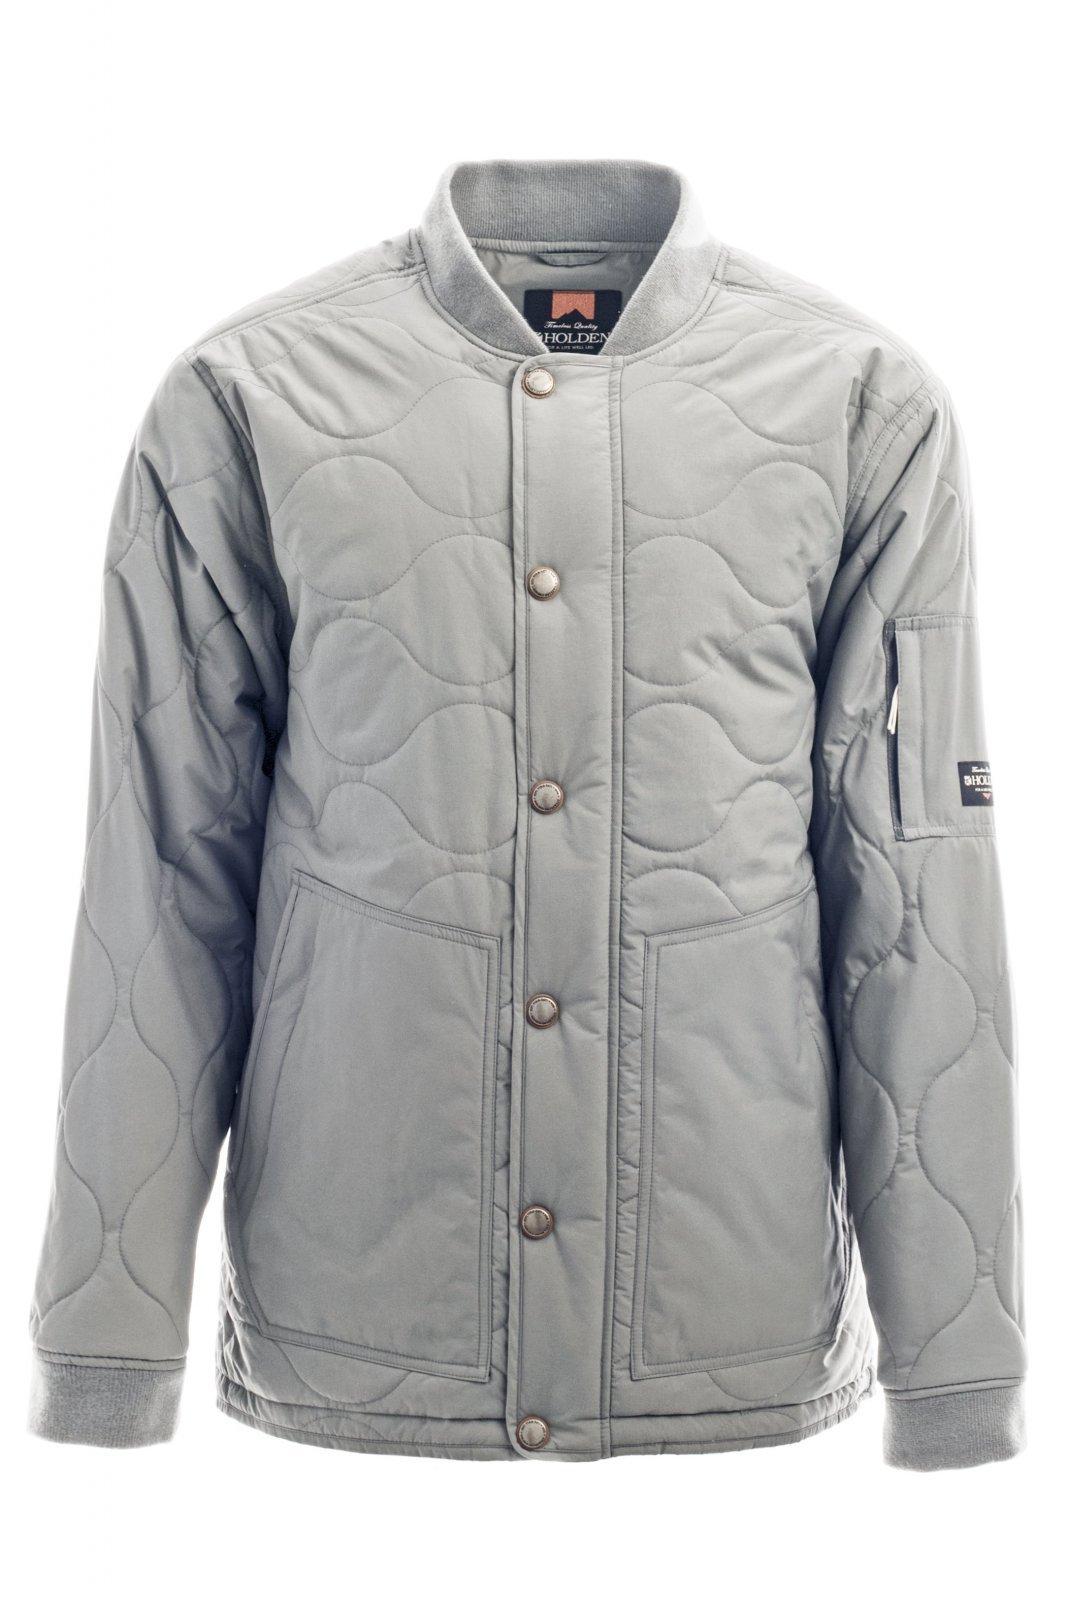 Holden Moore Jacket